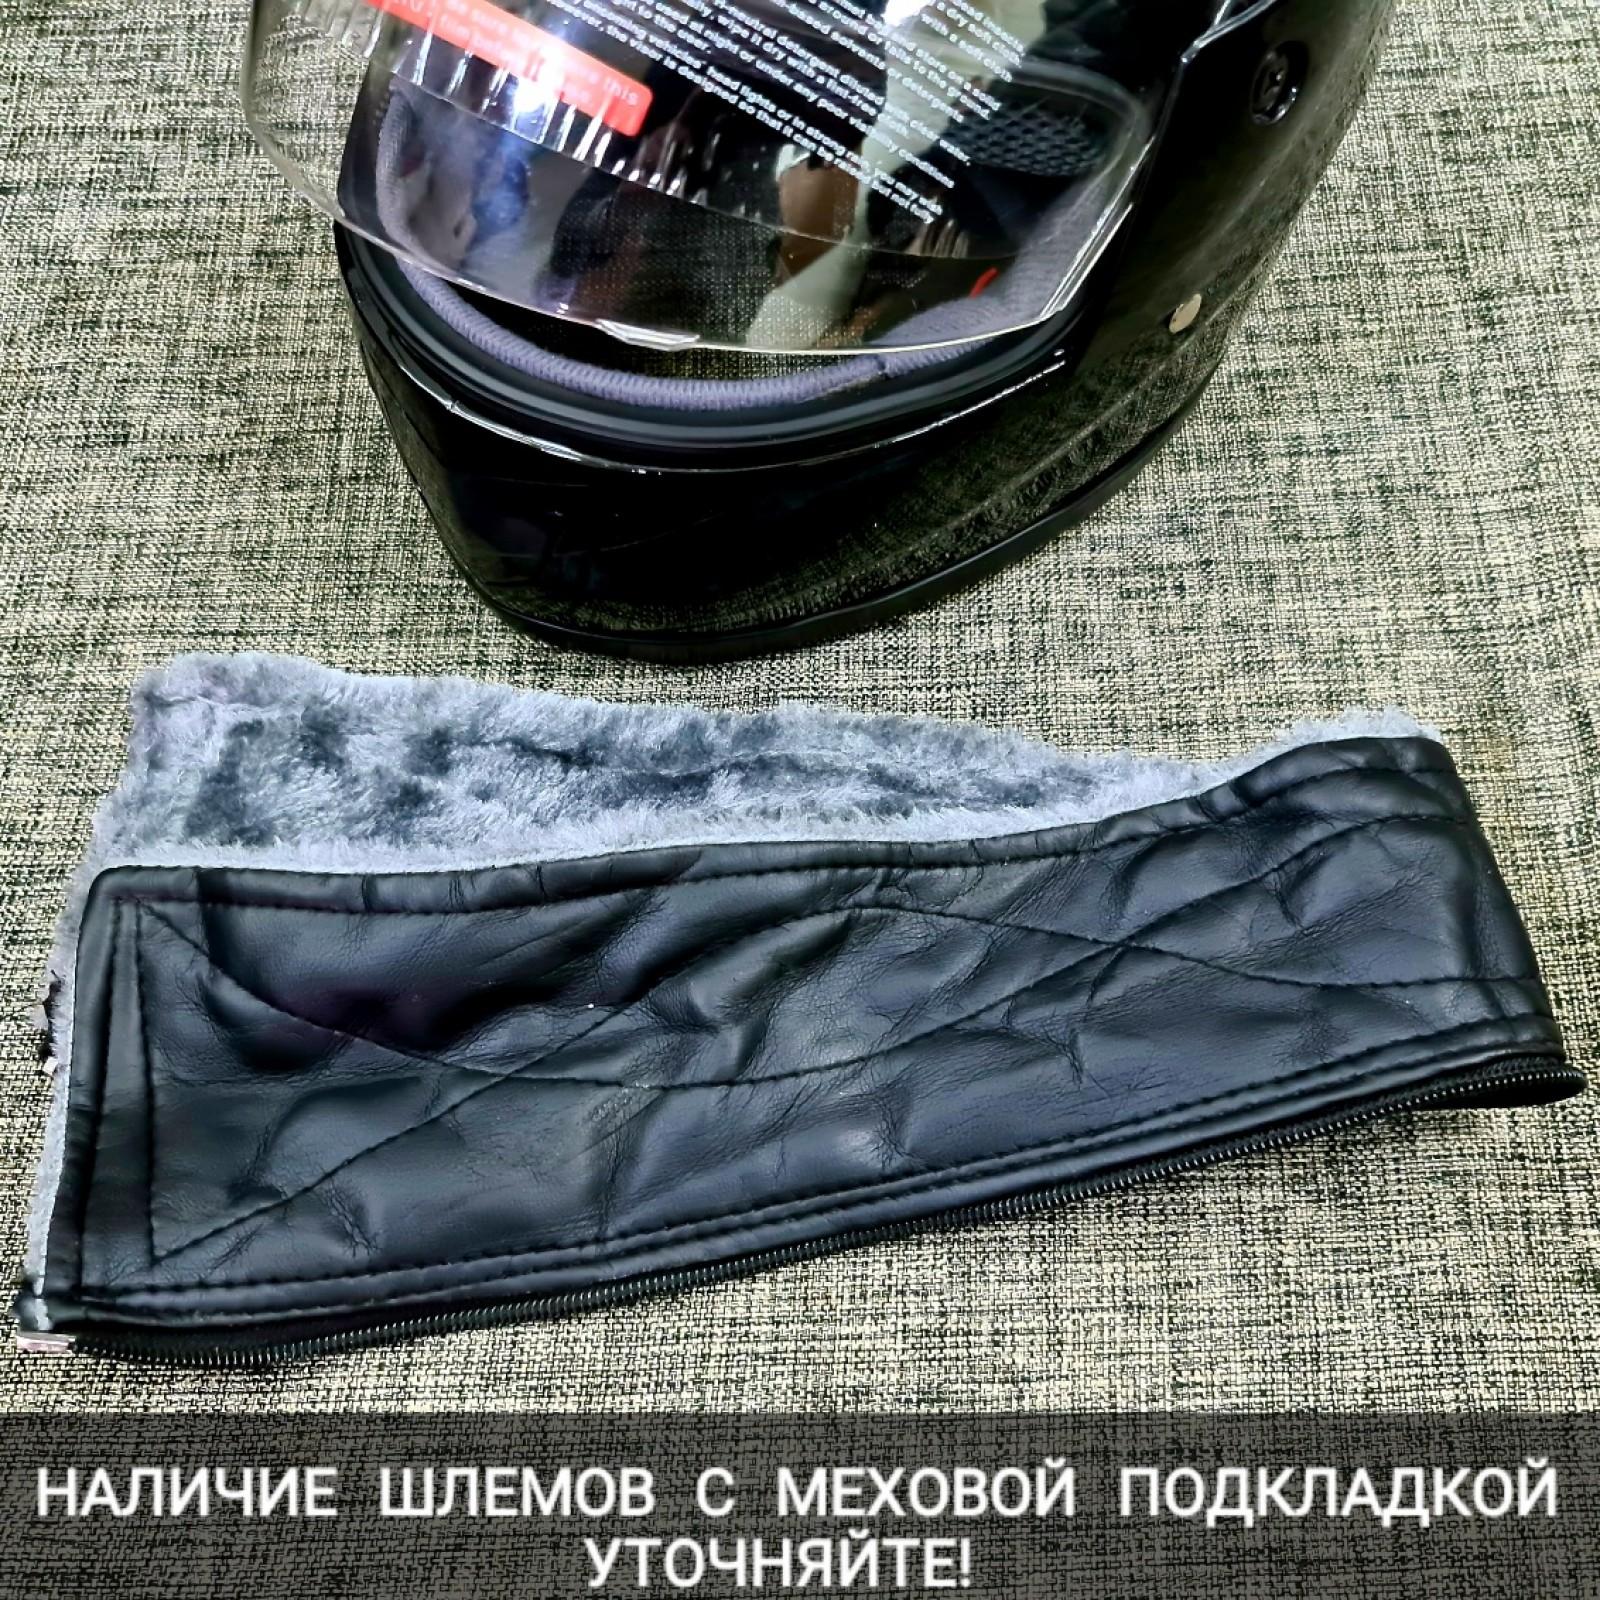 Защитный шлем, вариант 1